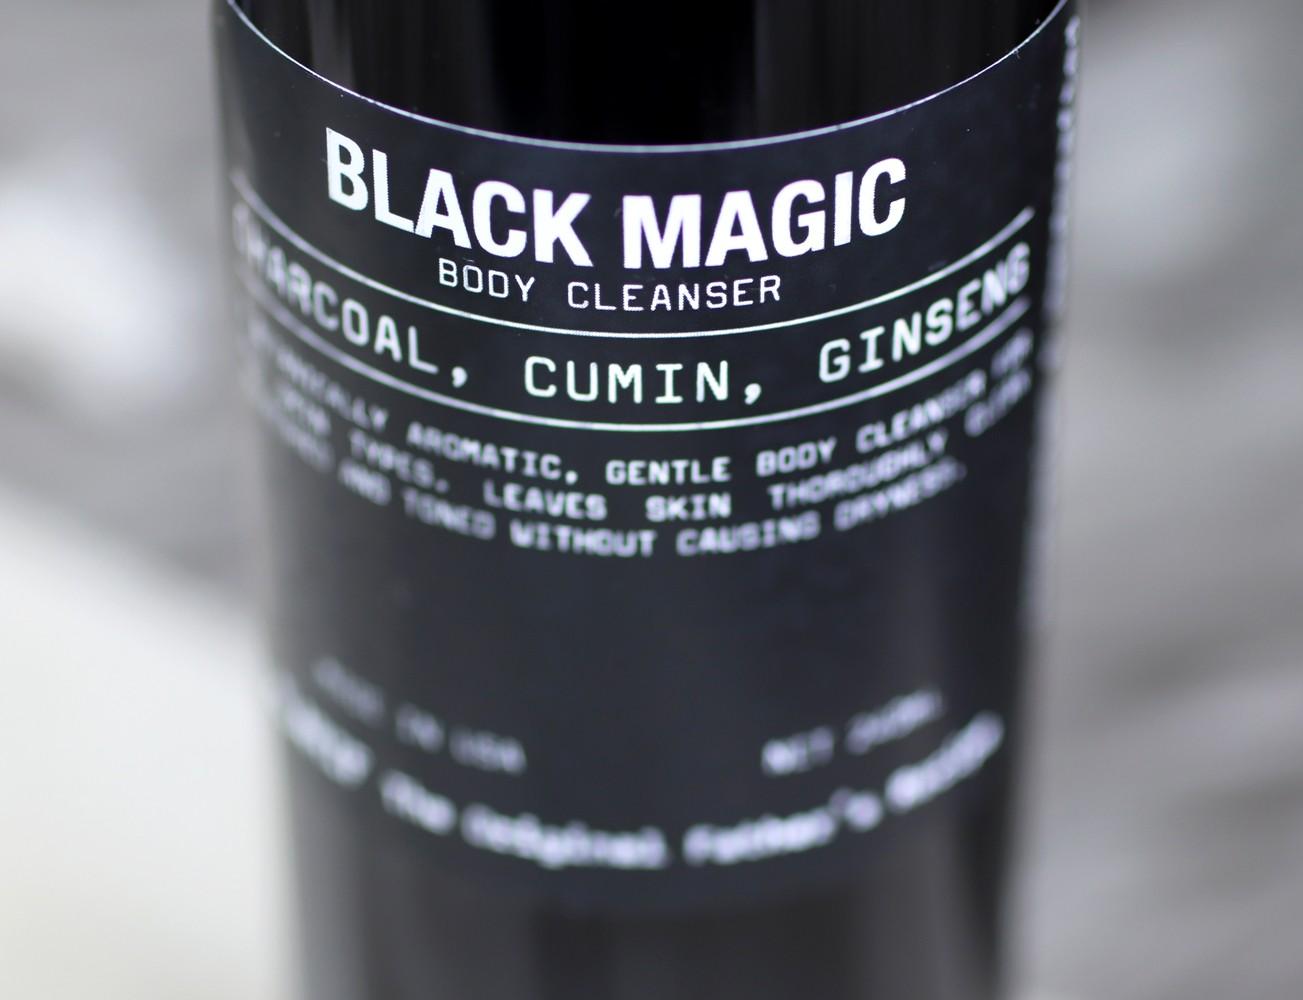 Klarif Black Magic Cruelty Free Body Wash - Klarif beauty products by popular Los Angeles cruelty free beauty blogger My Beauty Bunny